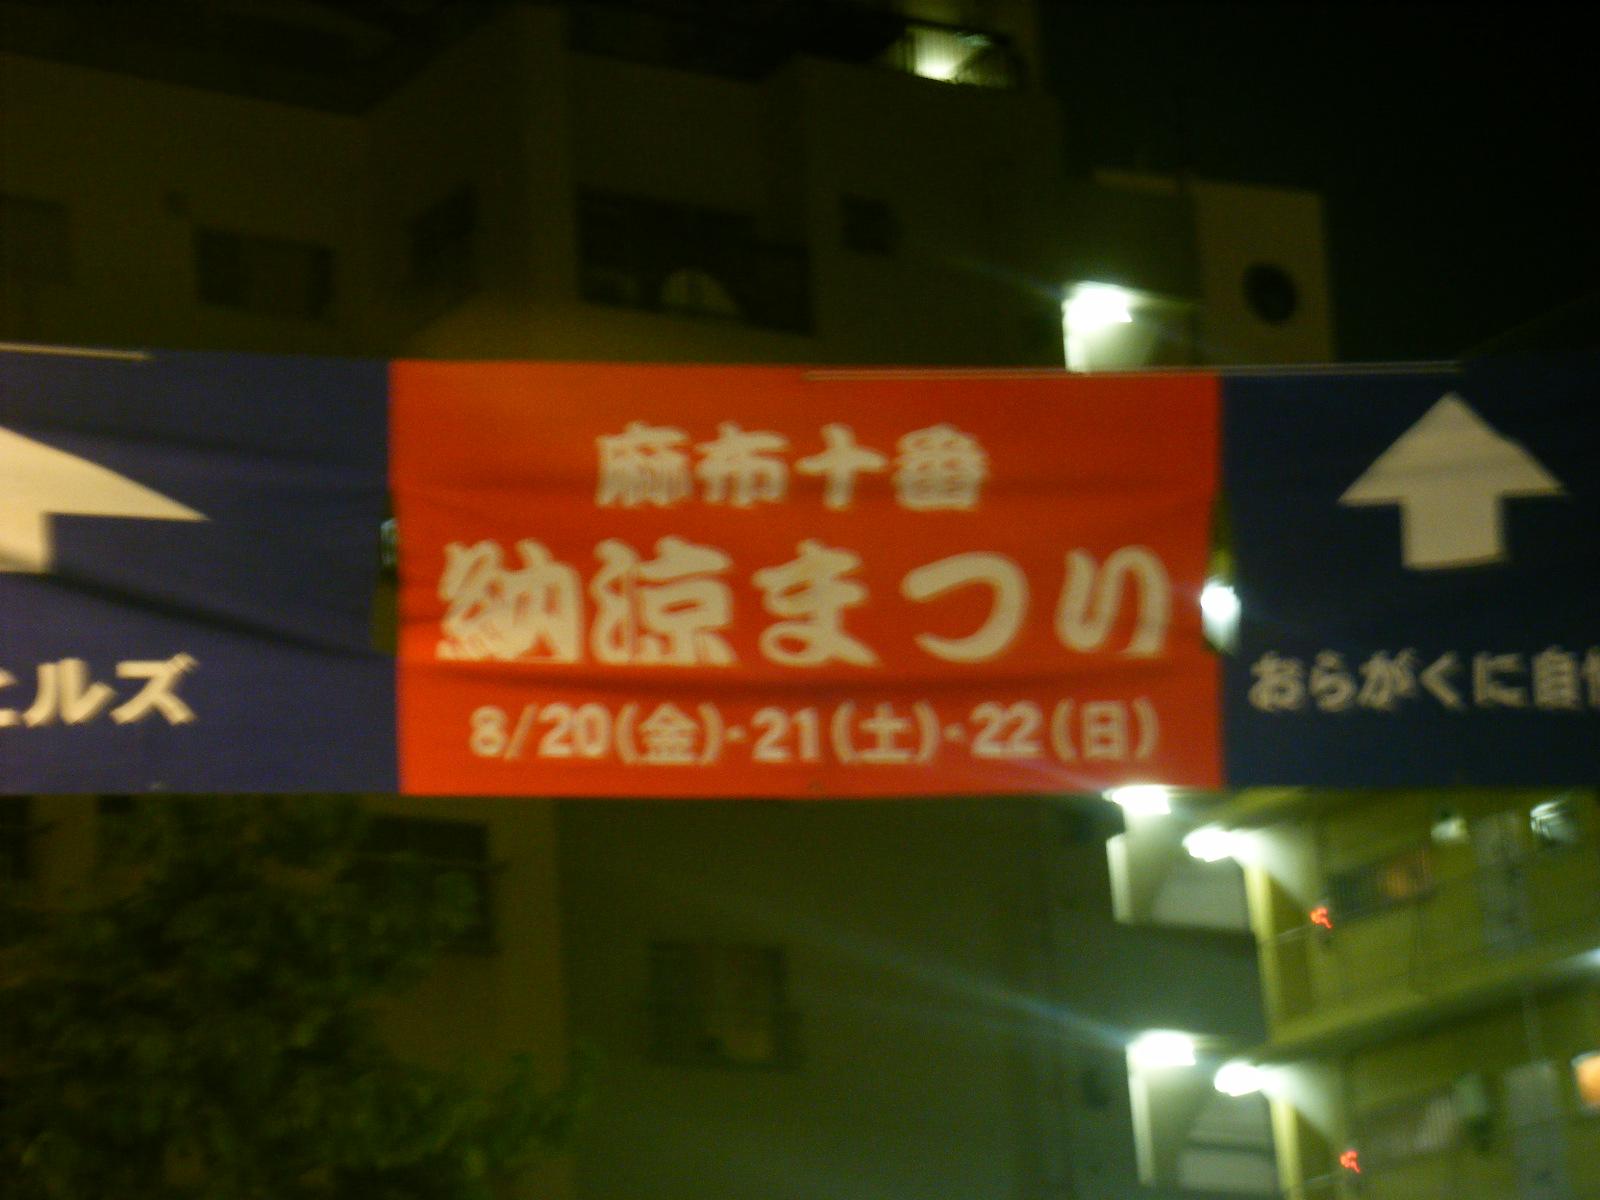 DSCF0725.JPG